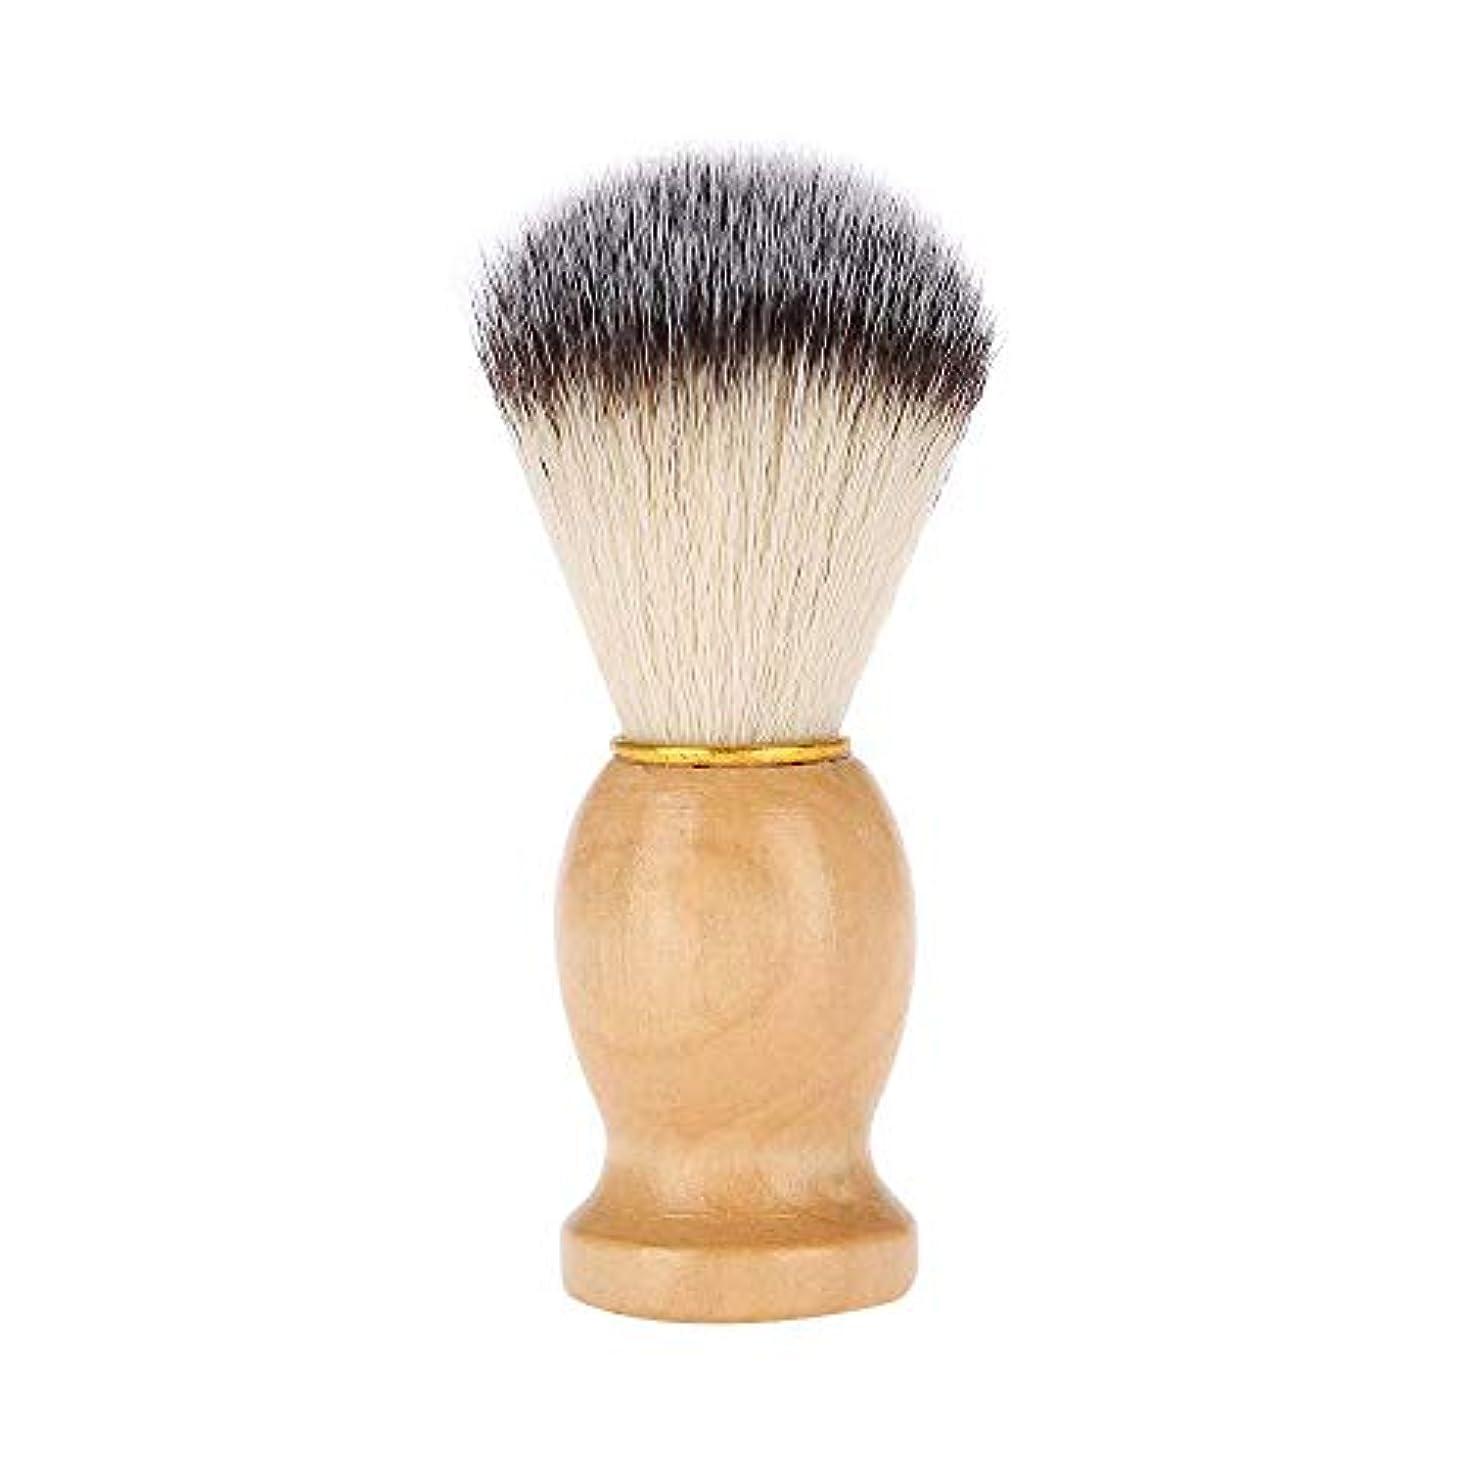 発表範囲ハンカチ1 ひげブラシメンズシ毛髭ブラシと木製コム ェービングブラシ 美容ツール 髭剃り メンズ シェービングブラシ ポータブルひげ剃り黄